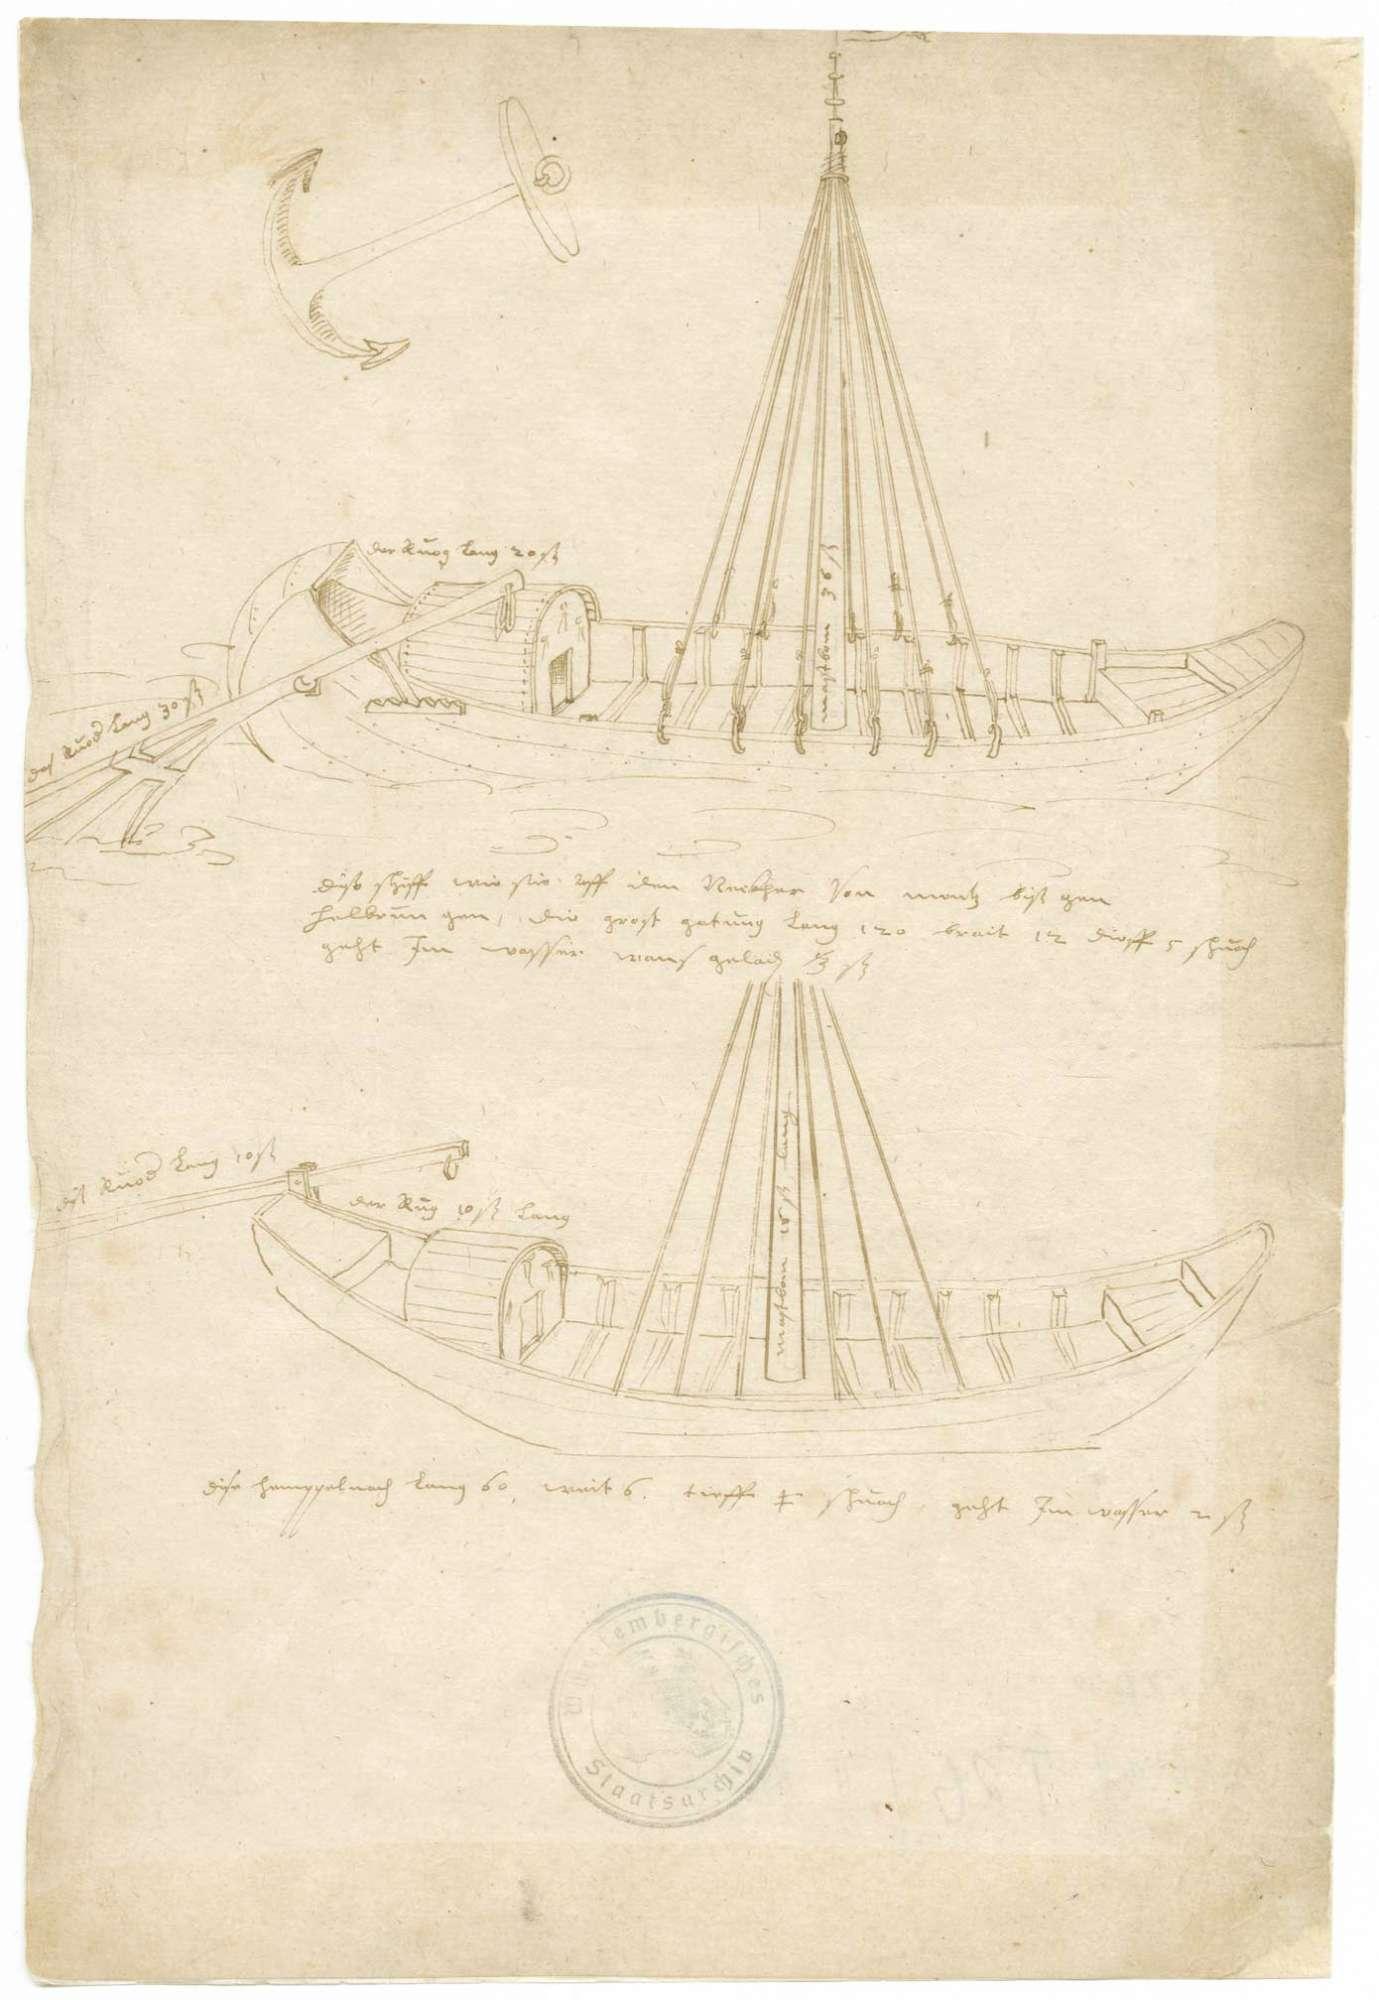 """Zeichnung zweier Neckarschiffe mit Mastbaum, Steuer und Deckaufbauten (31 x 20 cm), mit Erläuterungen: das große Schiff soll von Mainz bis Heilbronn gehen, es ist 120 Schuh lang, 12 Schuh breit und 5 Schuh tief, das kleinere Schiff, bezeichnet als """"Himpelnachen"""" ist 60 Schuh lang und 6 Schuh breit, Bild 1"""